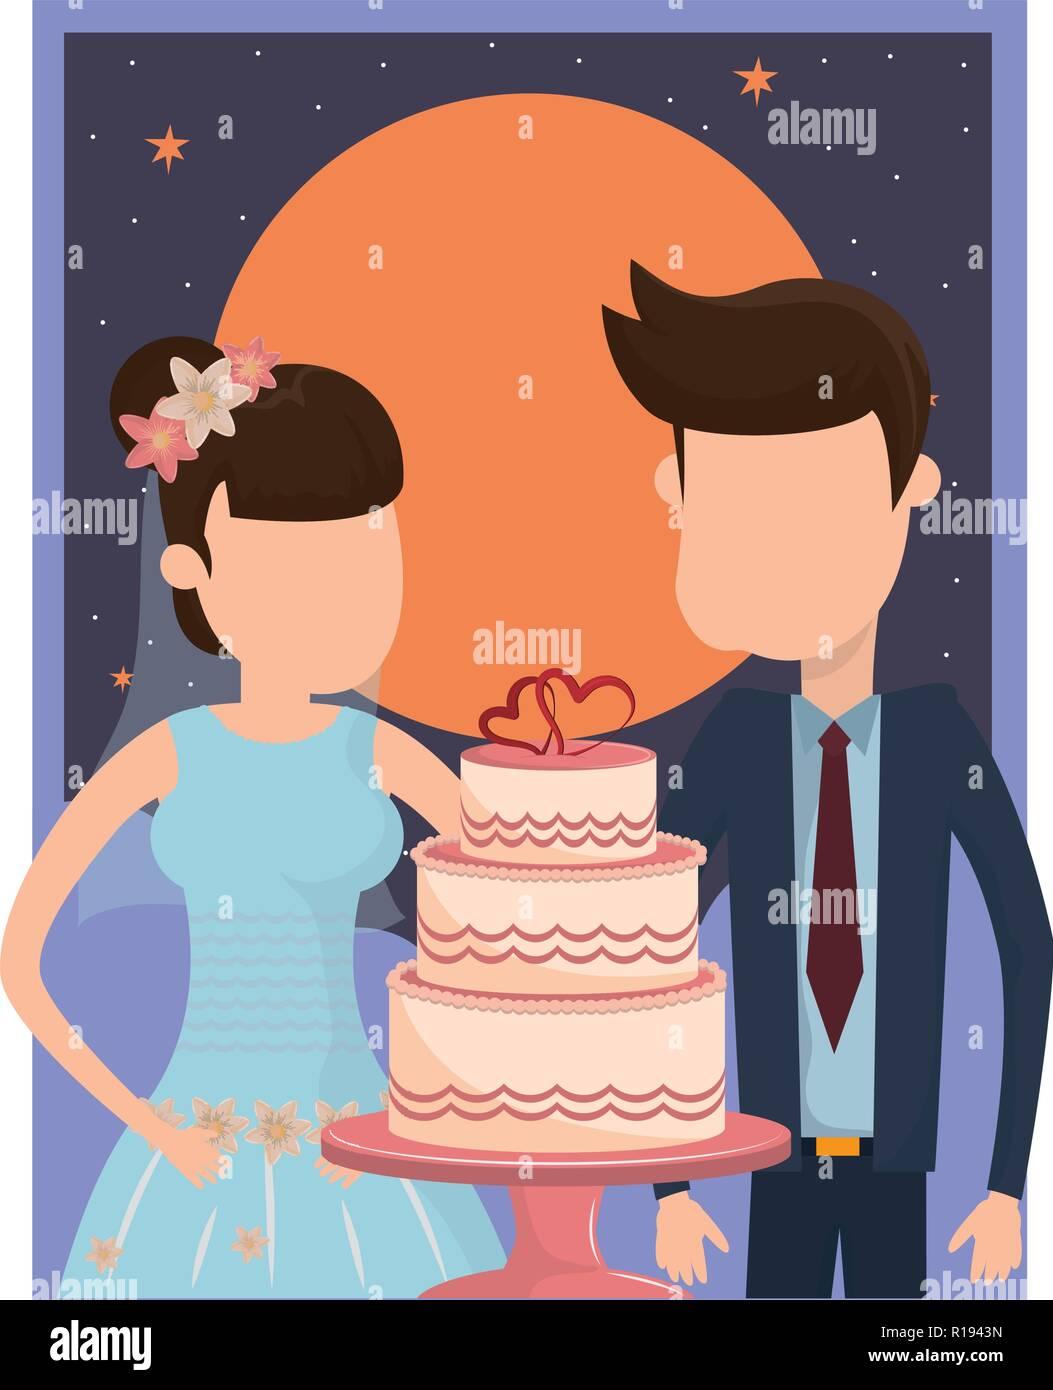 Coppie in viaggio di nozze con torta nuziale decorazione di cuore durante  la notte con luce c962aff00ff8